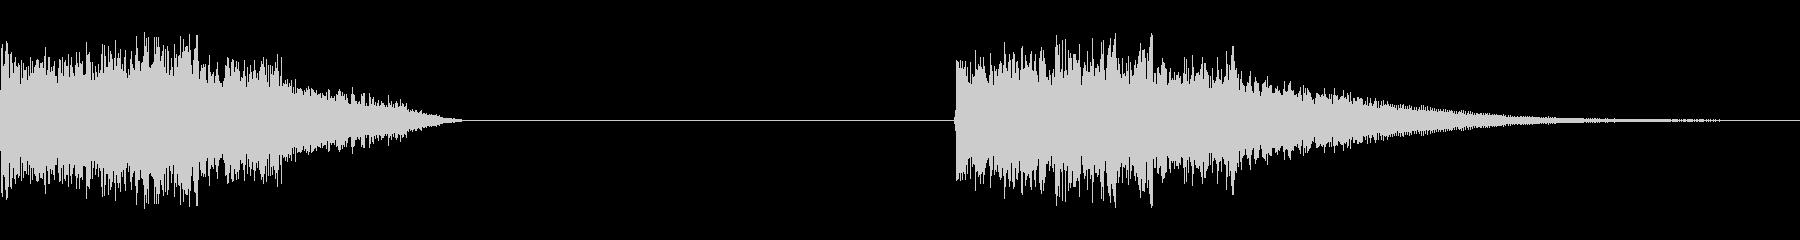 パワーフィル、2バージョン; DI...の未再生の波形